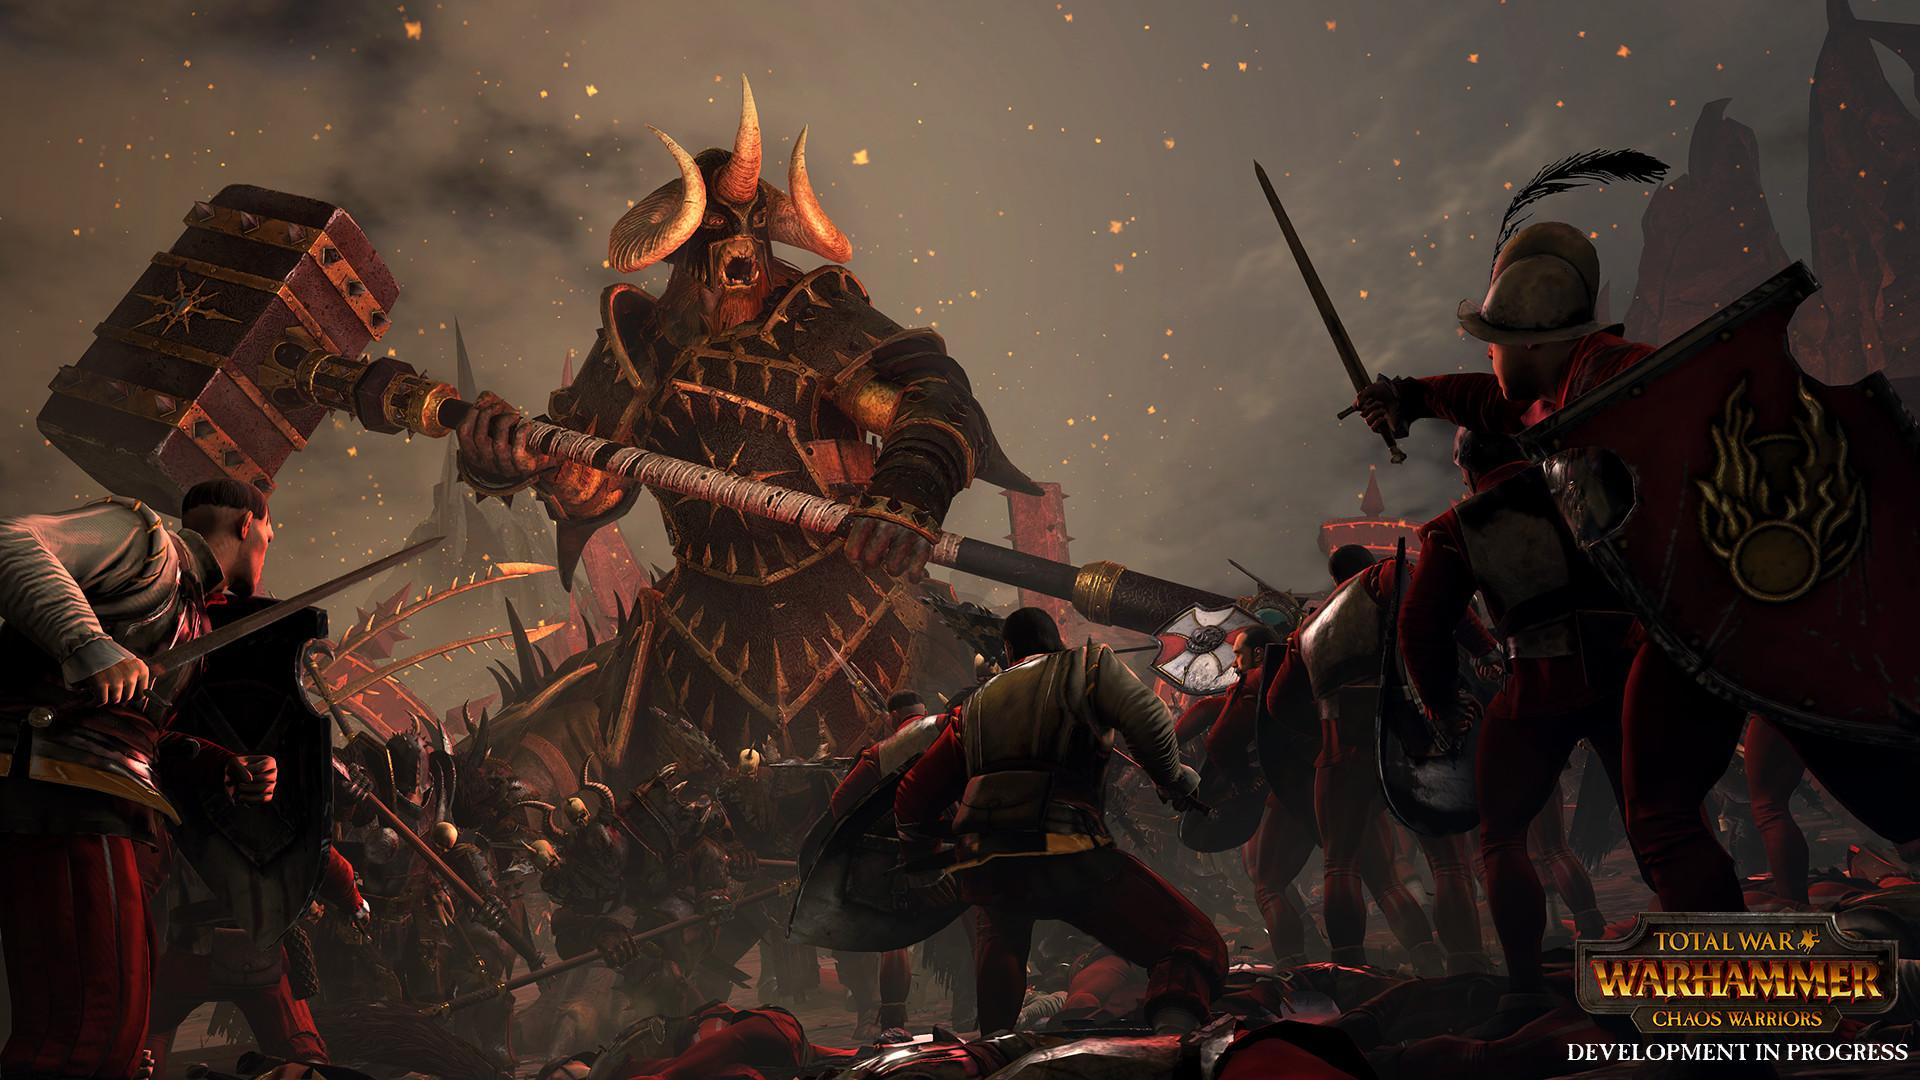 [Jeu vidéo] Total War Warhammer - Page 5 Ss_9f24e8e89d77abbbf26079da580d3380d86078d0.1920x1080